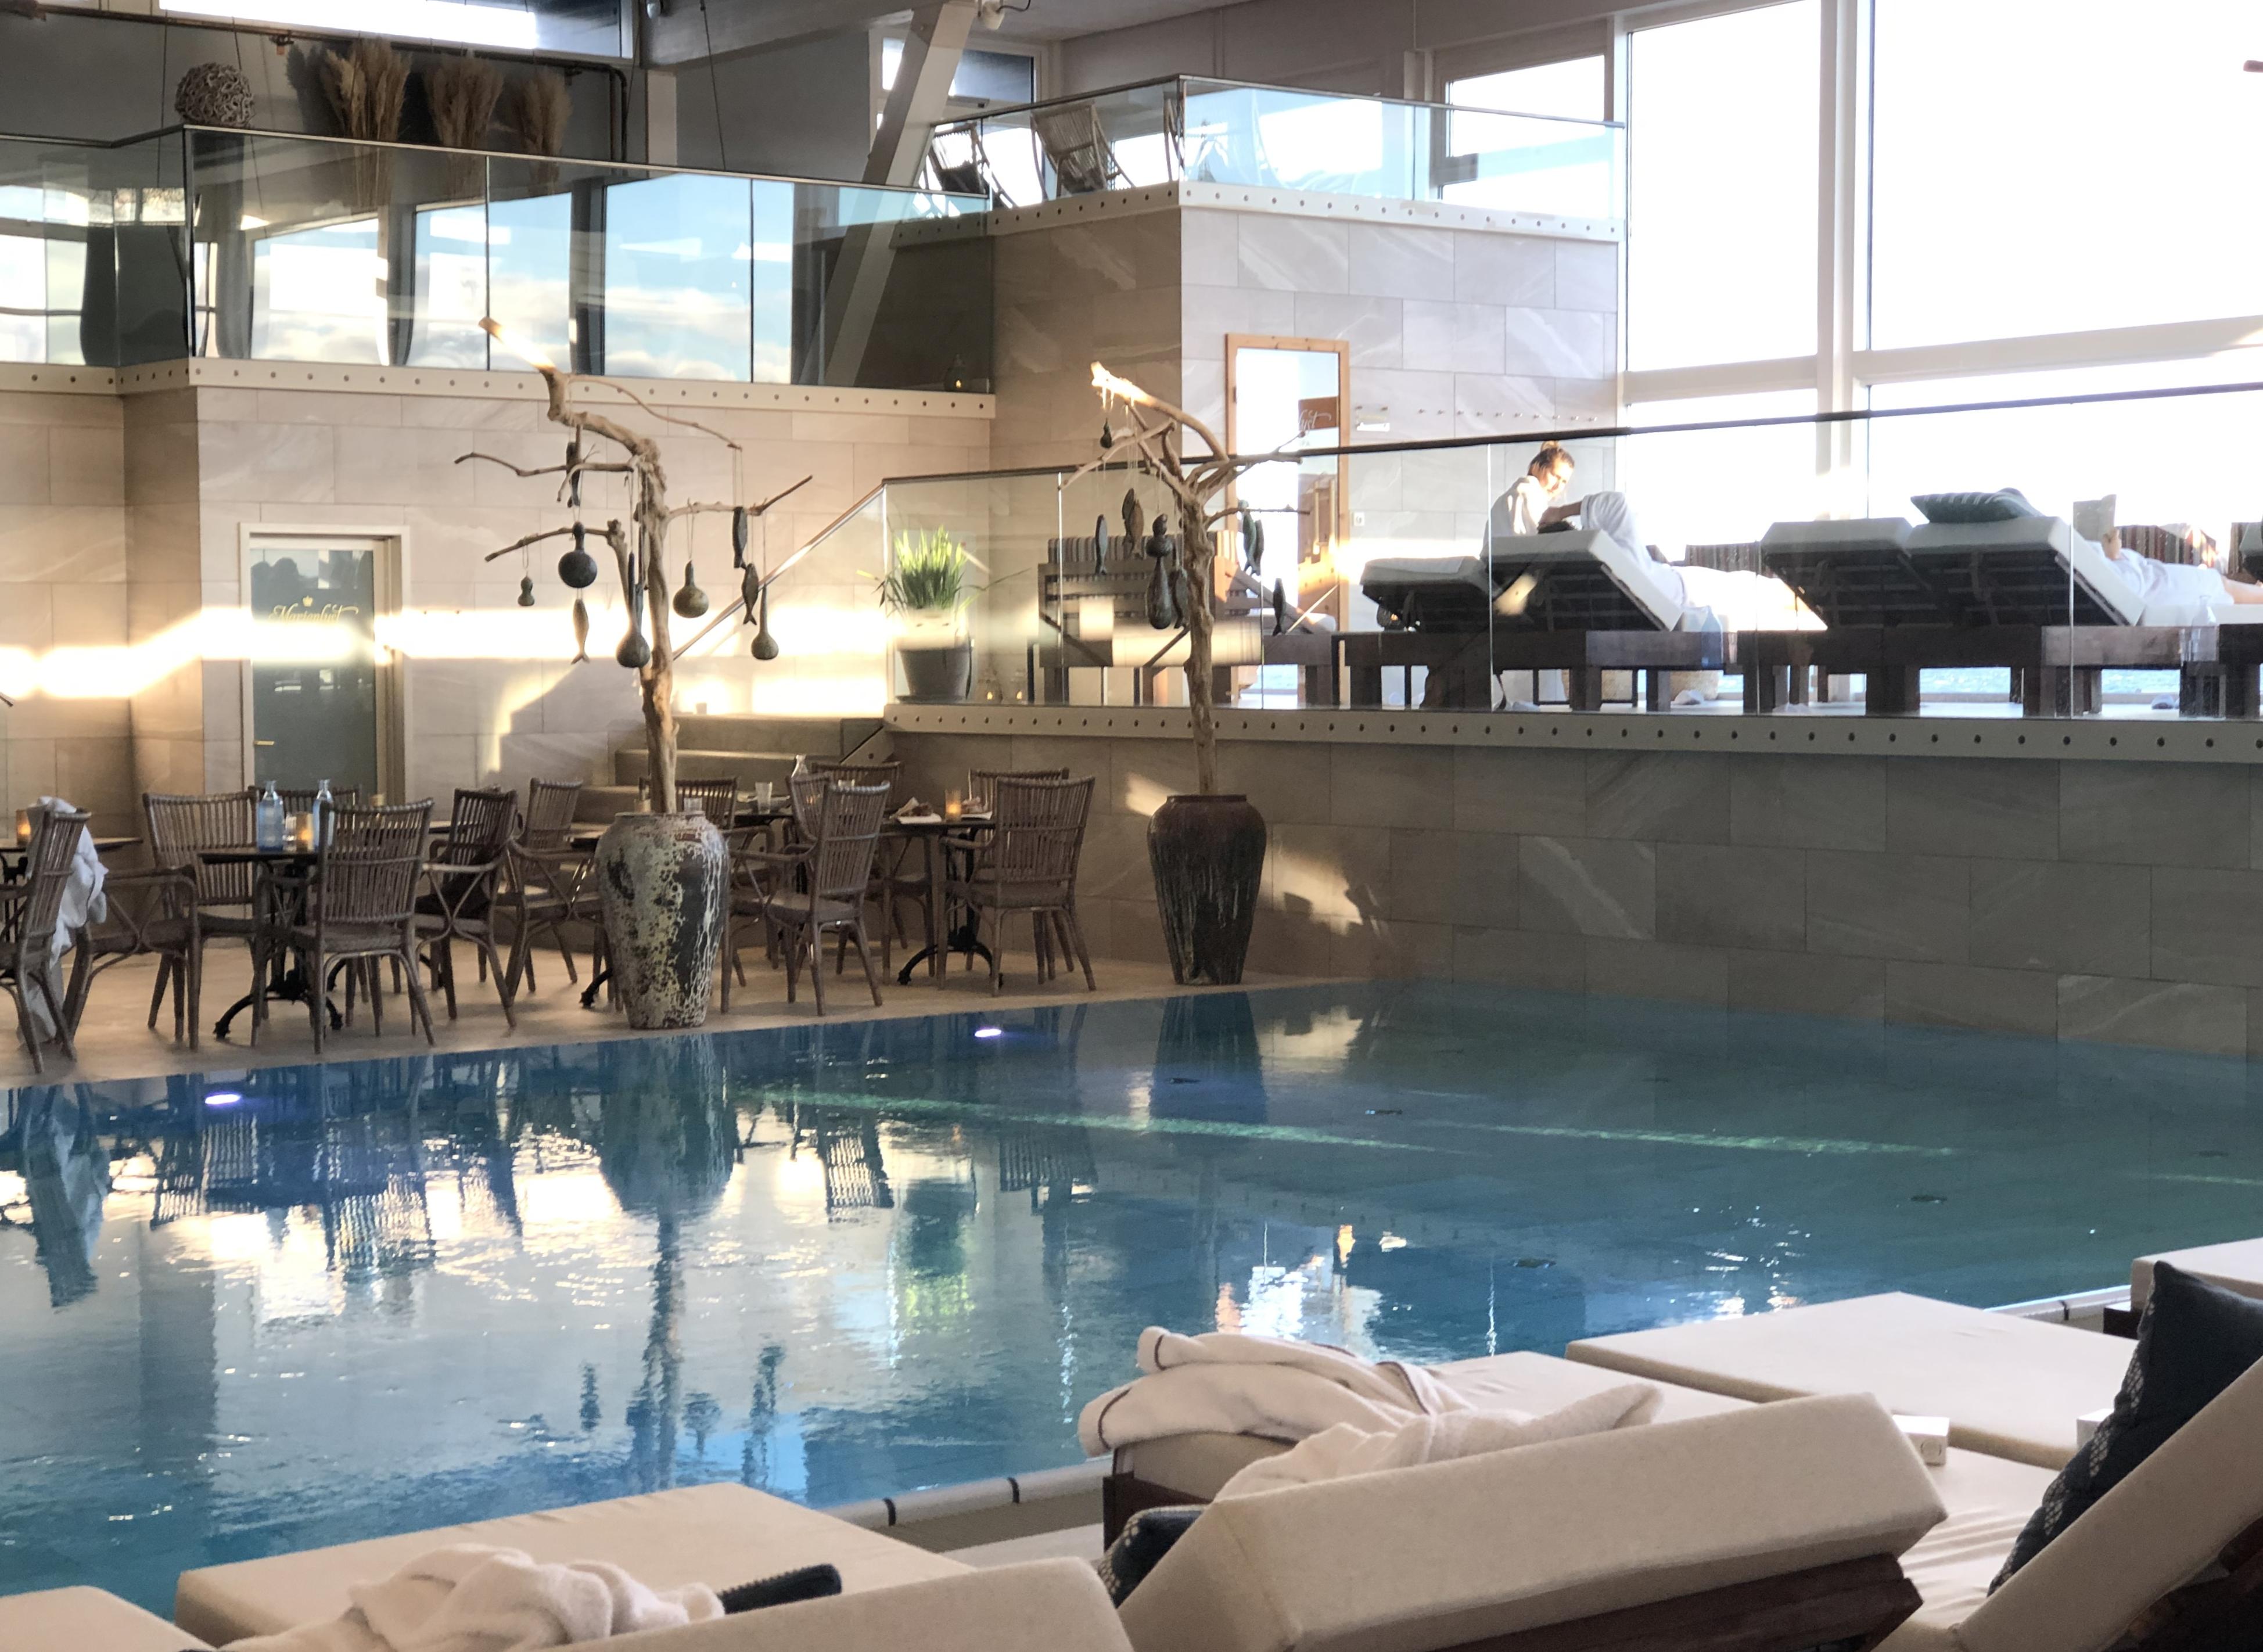 østerbro bordel hotel med spa på værelset